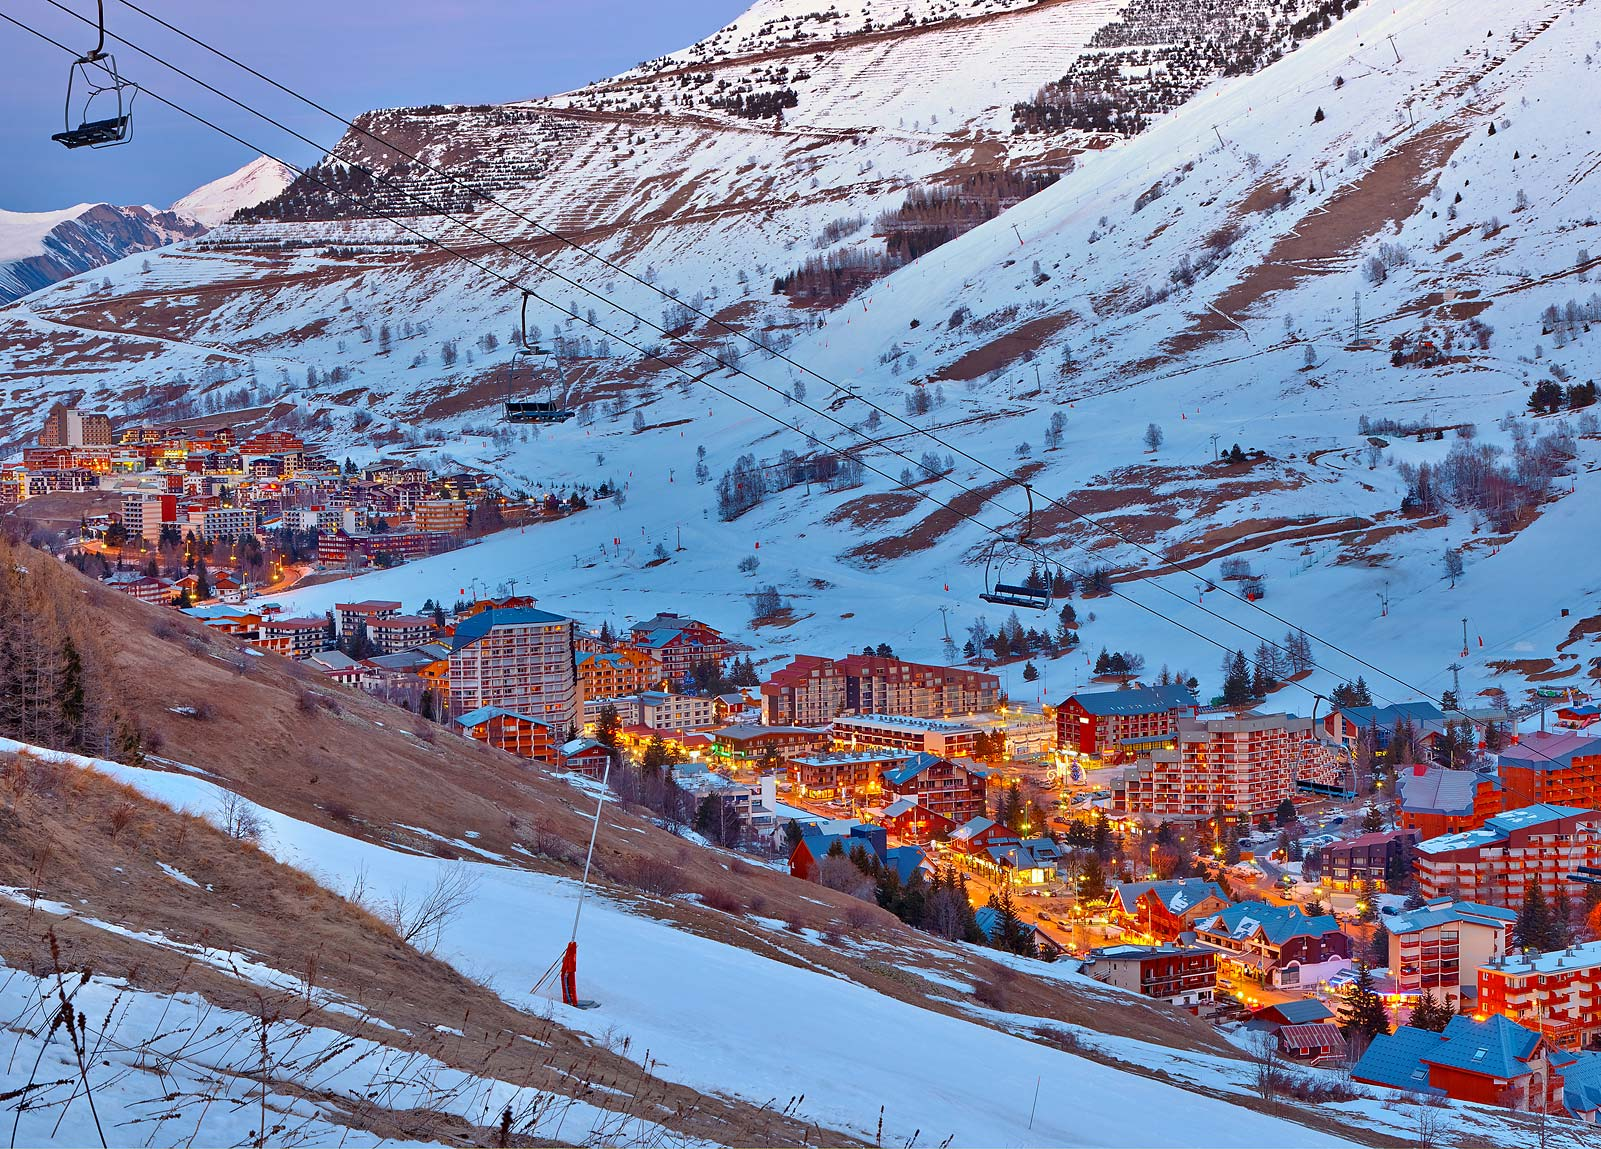 Offerte ponte immacolata alpi francesi for Progettista di ponti online gratuito